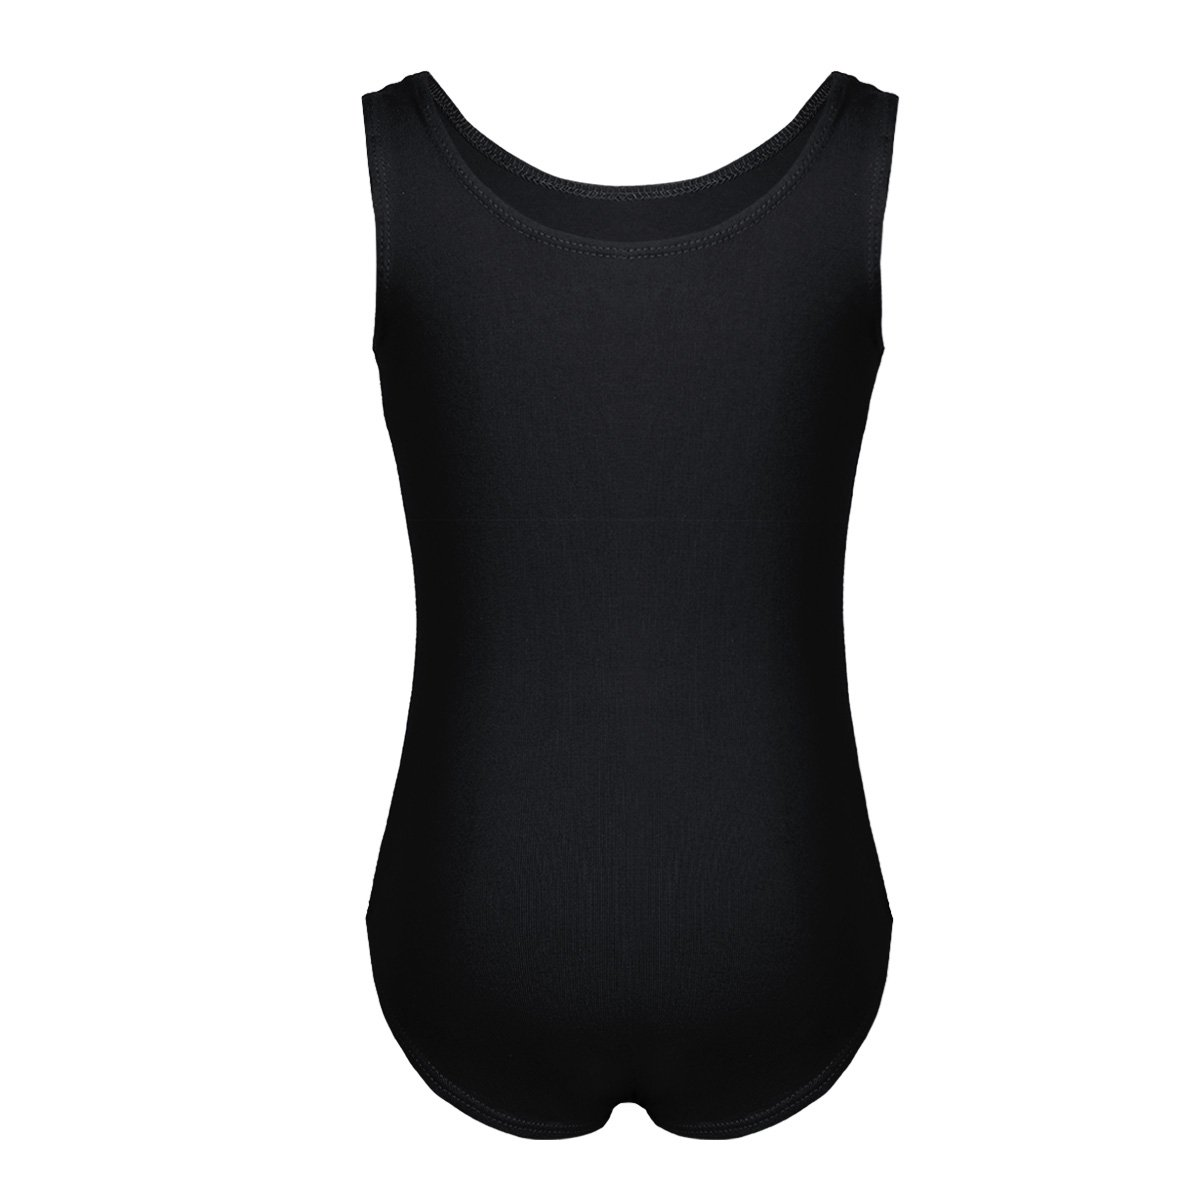 MSemis SOCKSHOSIERY/ ガールズ B07GQ8XYKC 43654 7/ 8|ブラック ブラック SOCKSHOSIERY 43654, 関東土建shop:3a0af633 --- cooleycoastrun.com